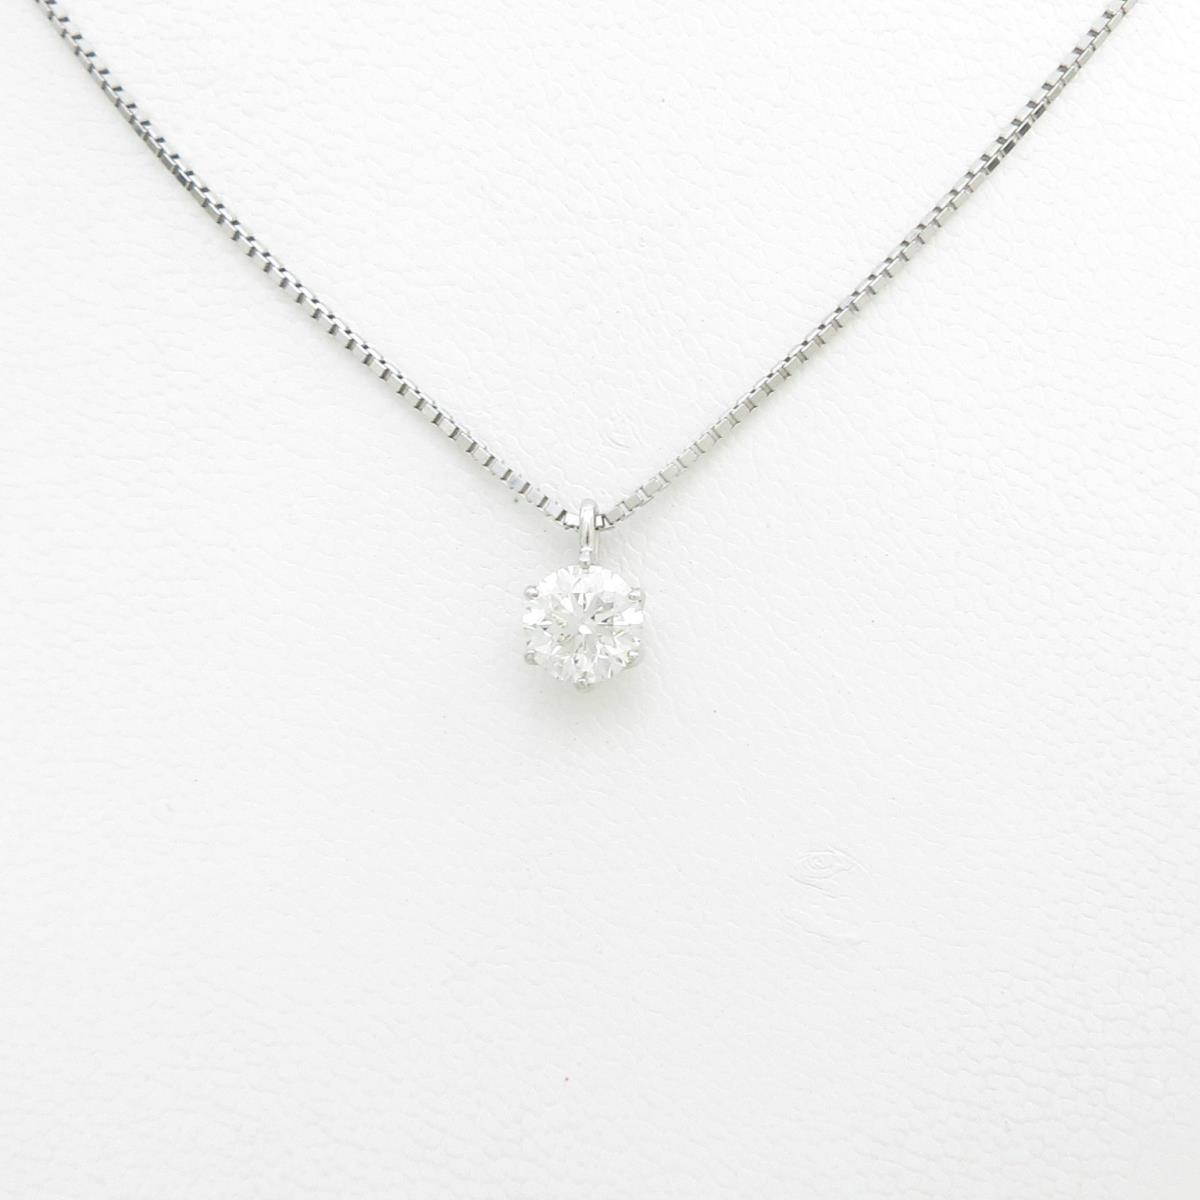 プラチナダイヤモンドネックレス 1.004ct・H・SI2・GOOD【中古】